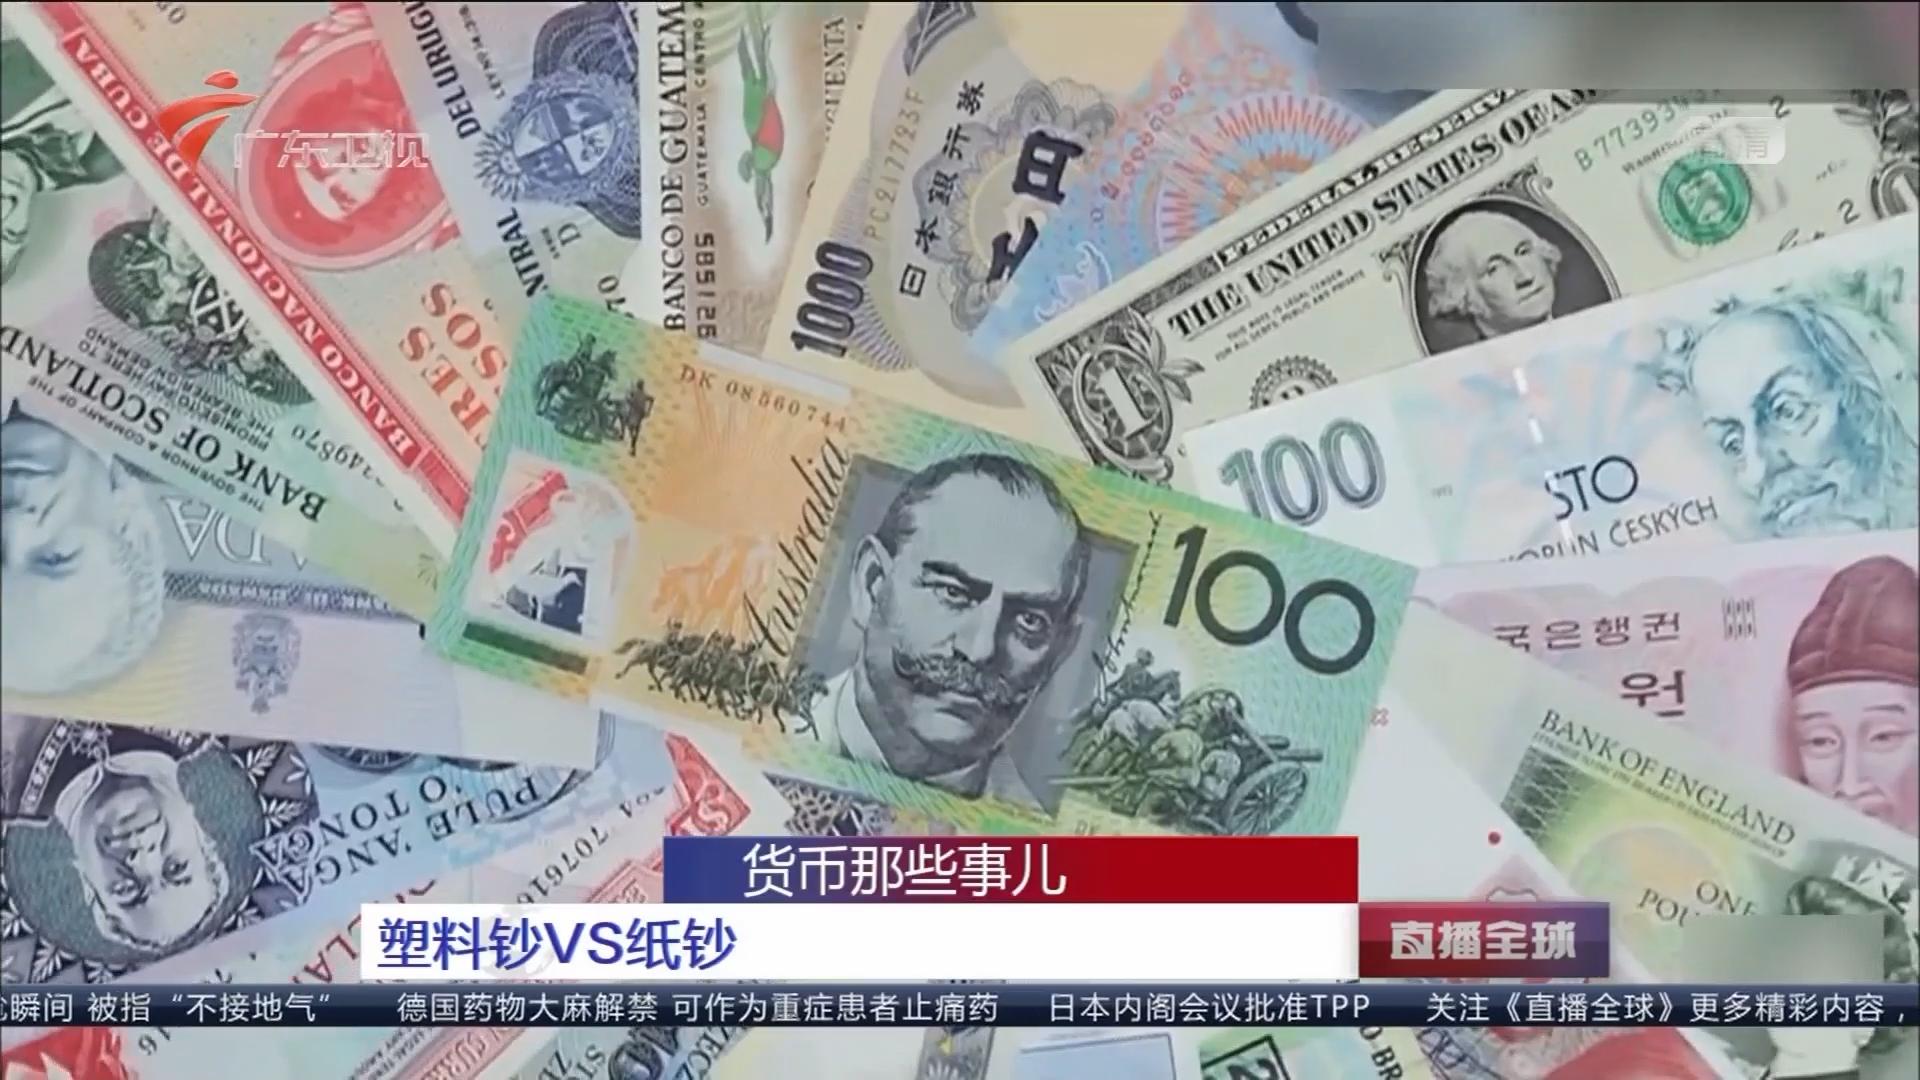 货币那些事儿:塑料钞VS纸钞